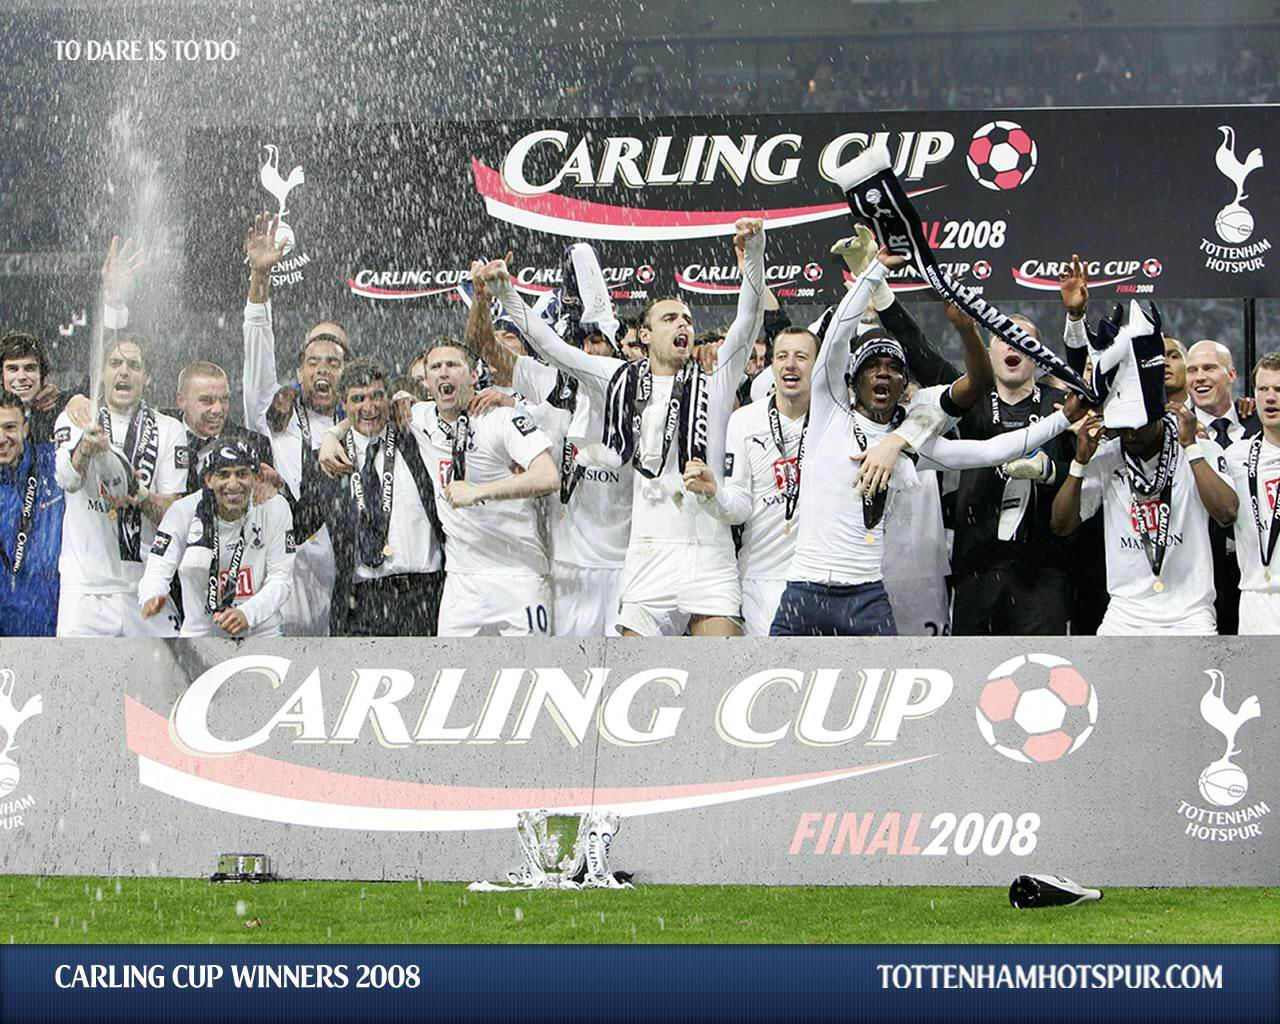 Тоттенхэм Хотспур Кубок Лиги Carling Cup 2008 Челси Уэмбли Хуанде Рамос